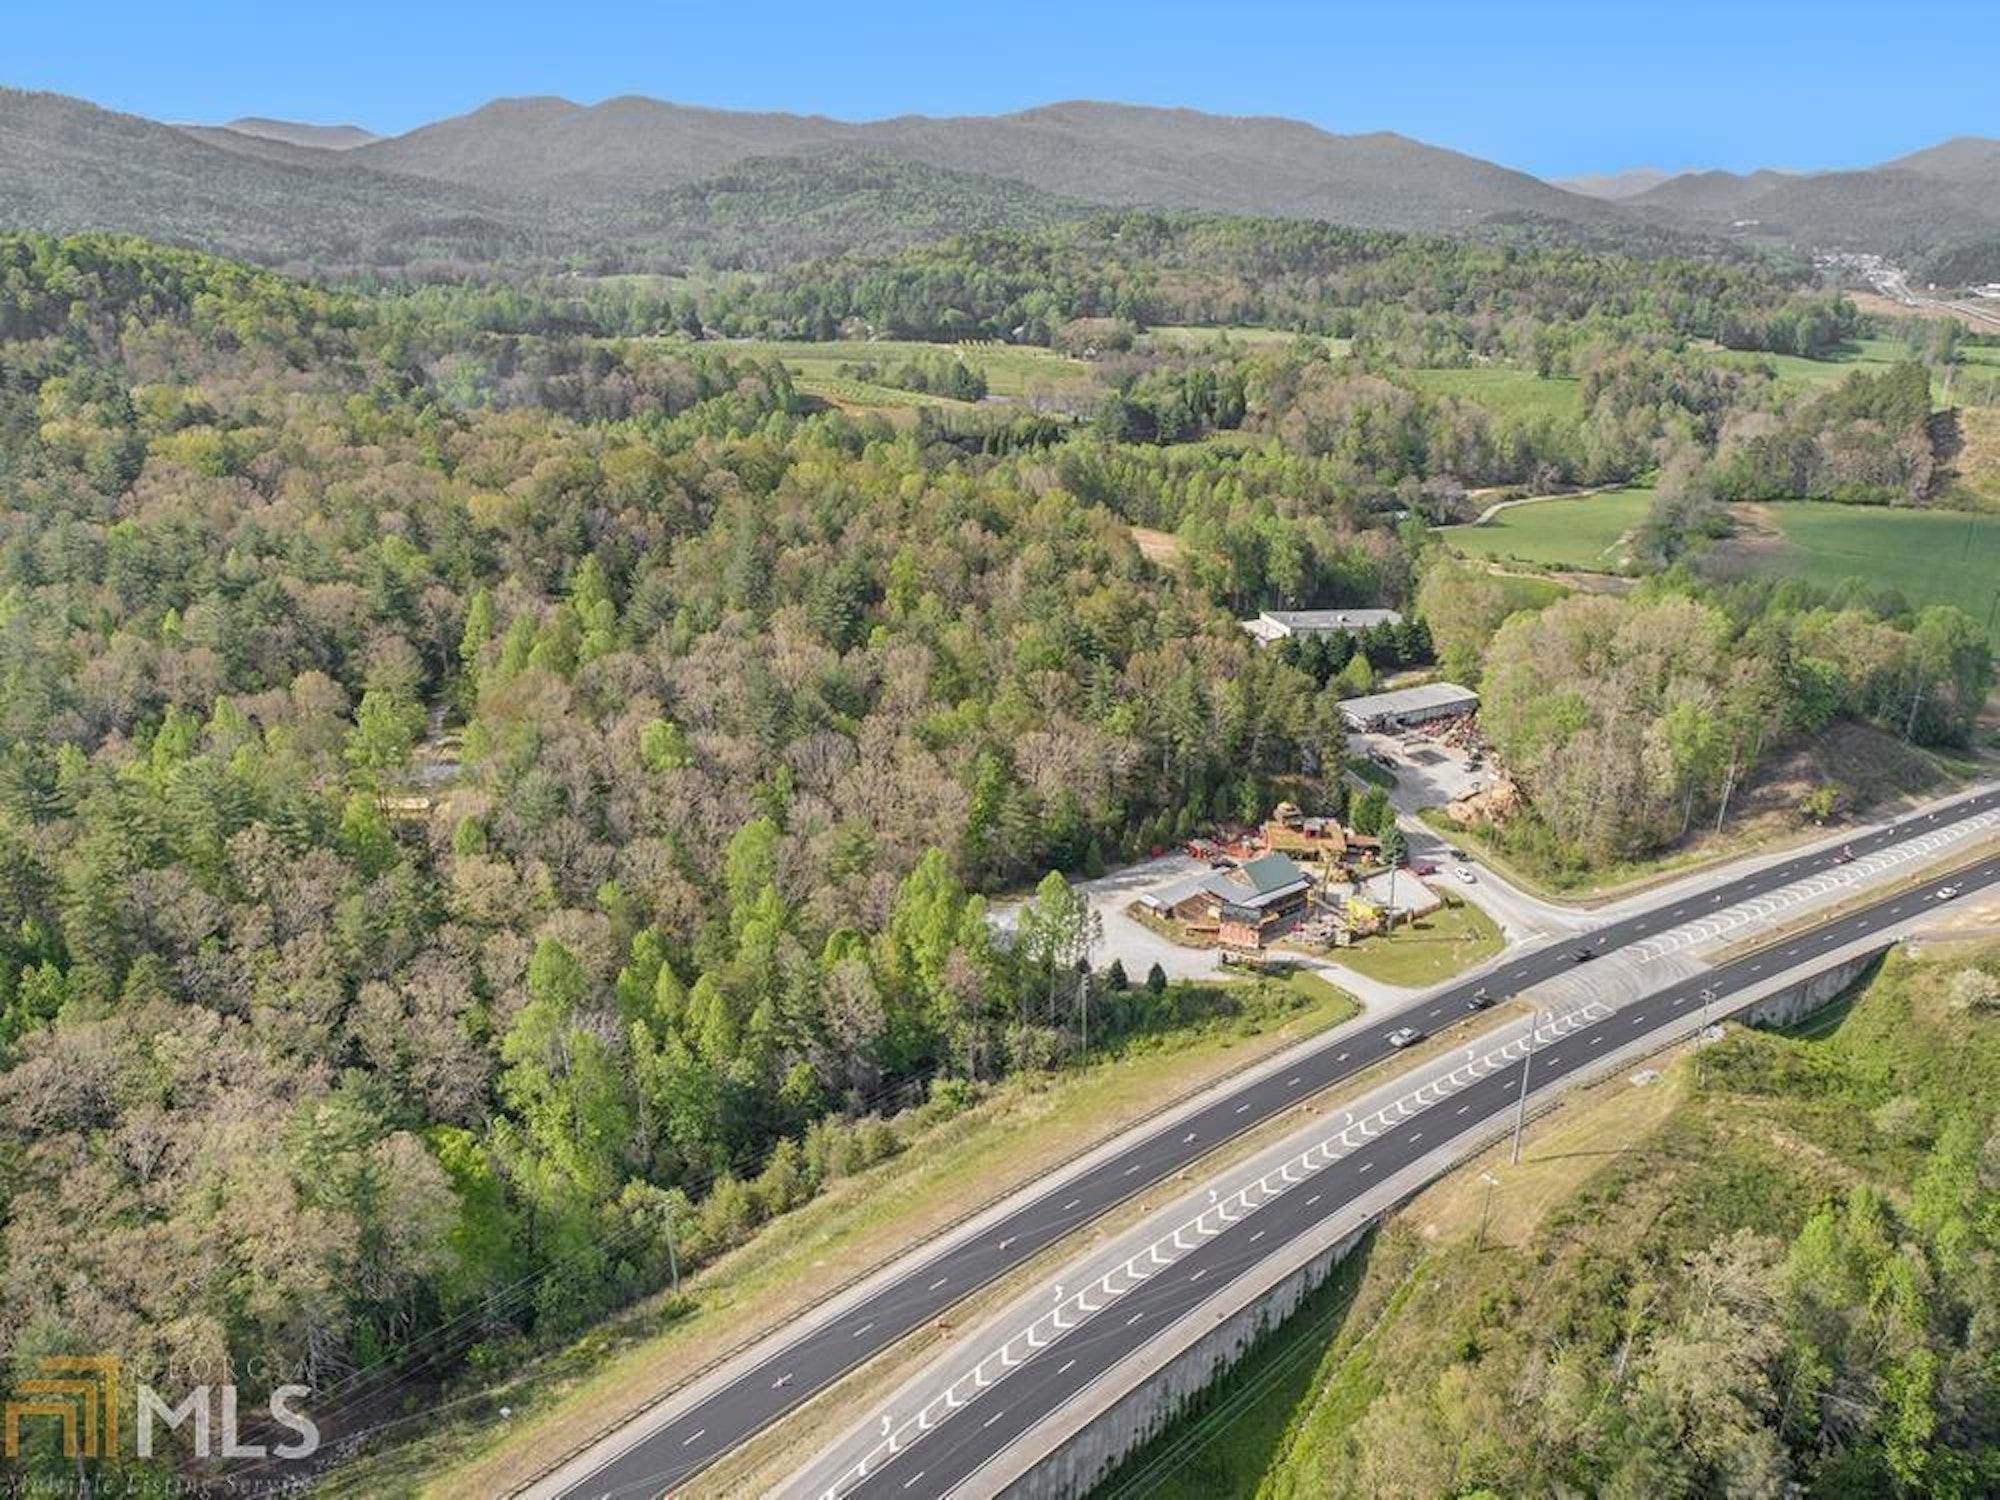 0 Tiger Connector / Ga Highway 441, Tiger GA 30576